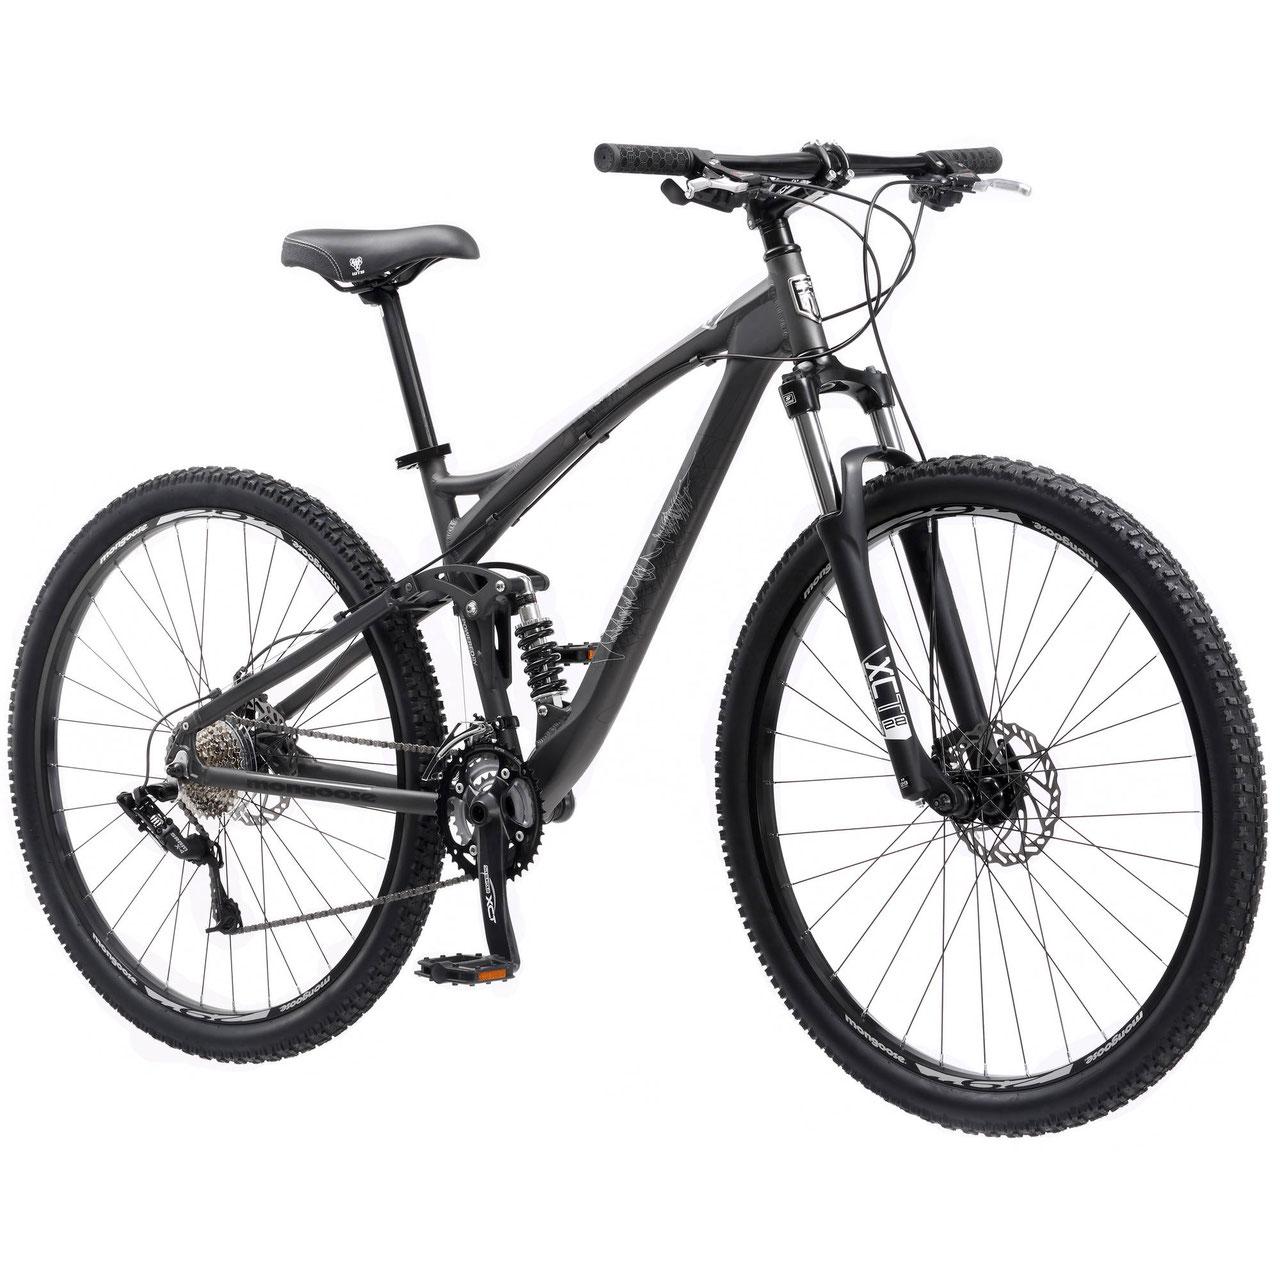 Bicicleta de Montaña 29 pulgadas Mongoose XR-PRO Hombre - BUDITASAN ...